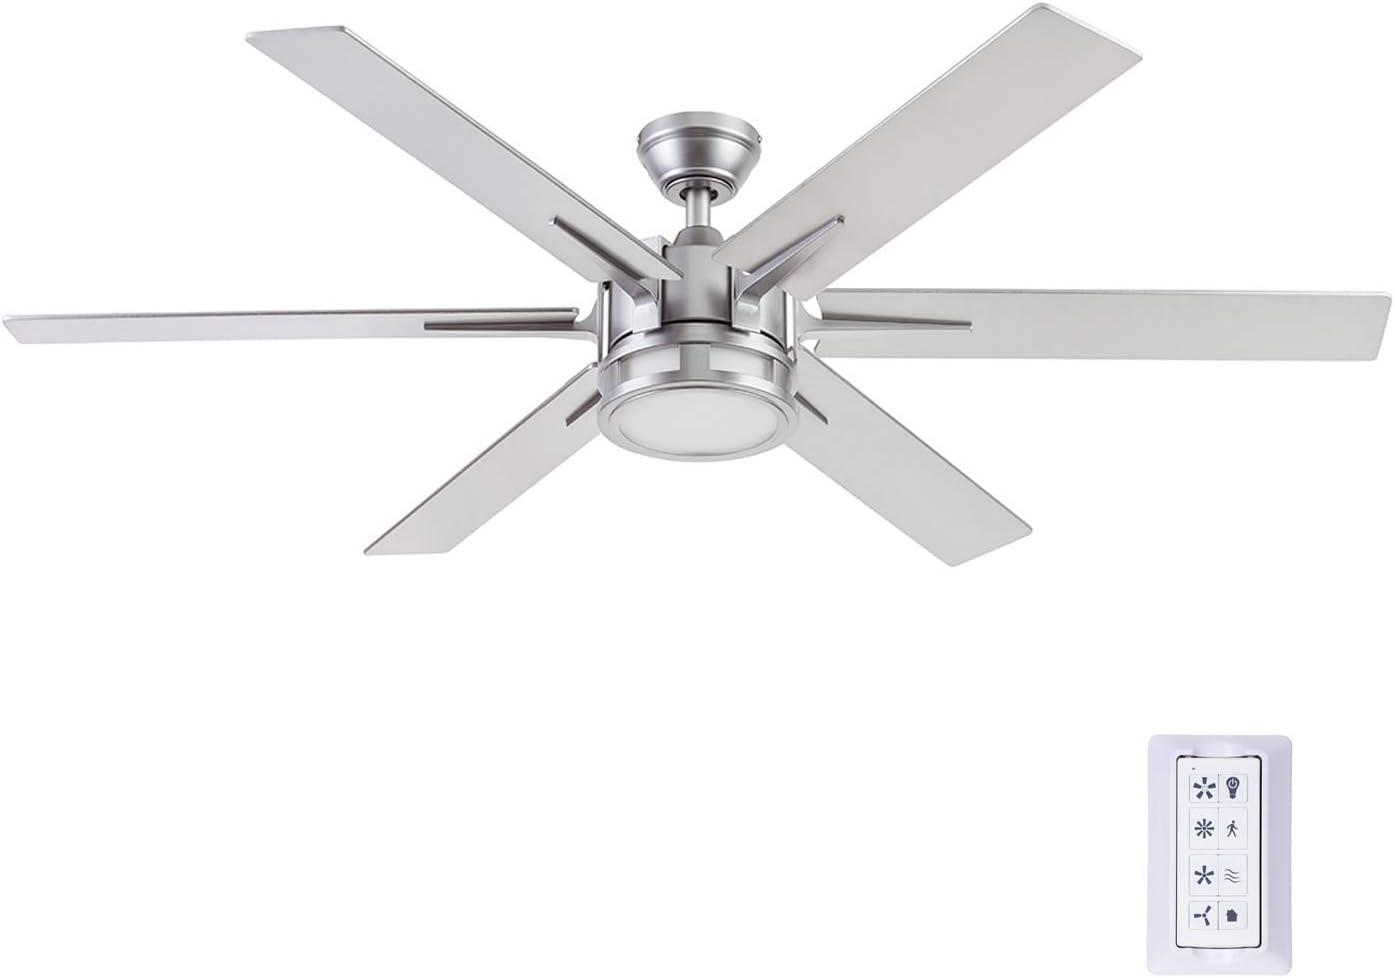 Honeywell Ceiling Fans 51626-01 Kaliza Ceiling Fan, 56, Pewter